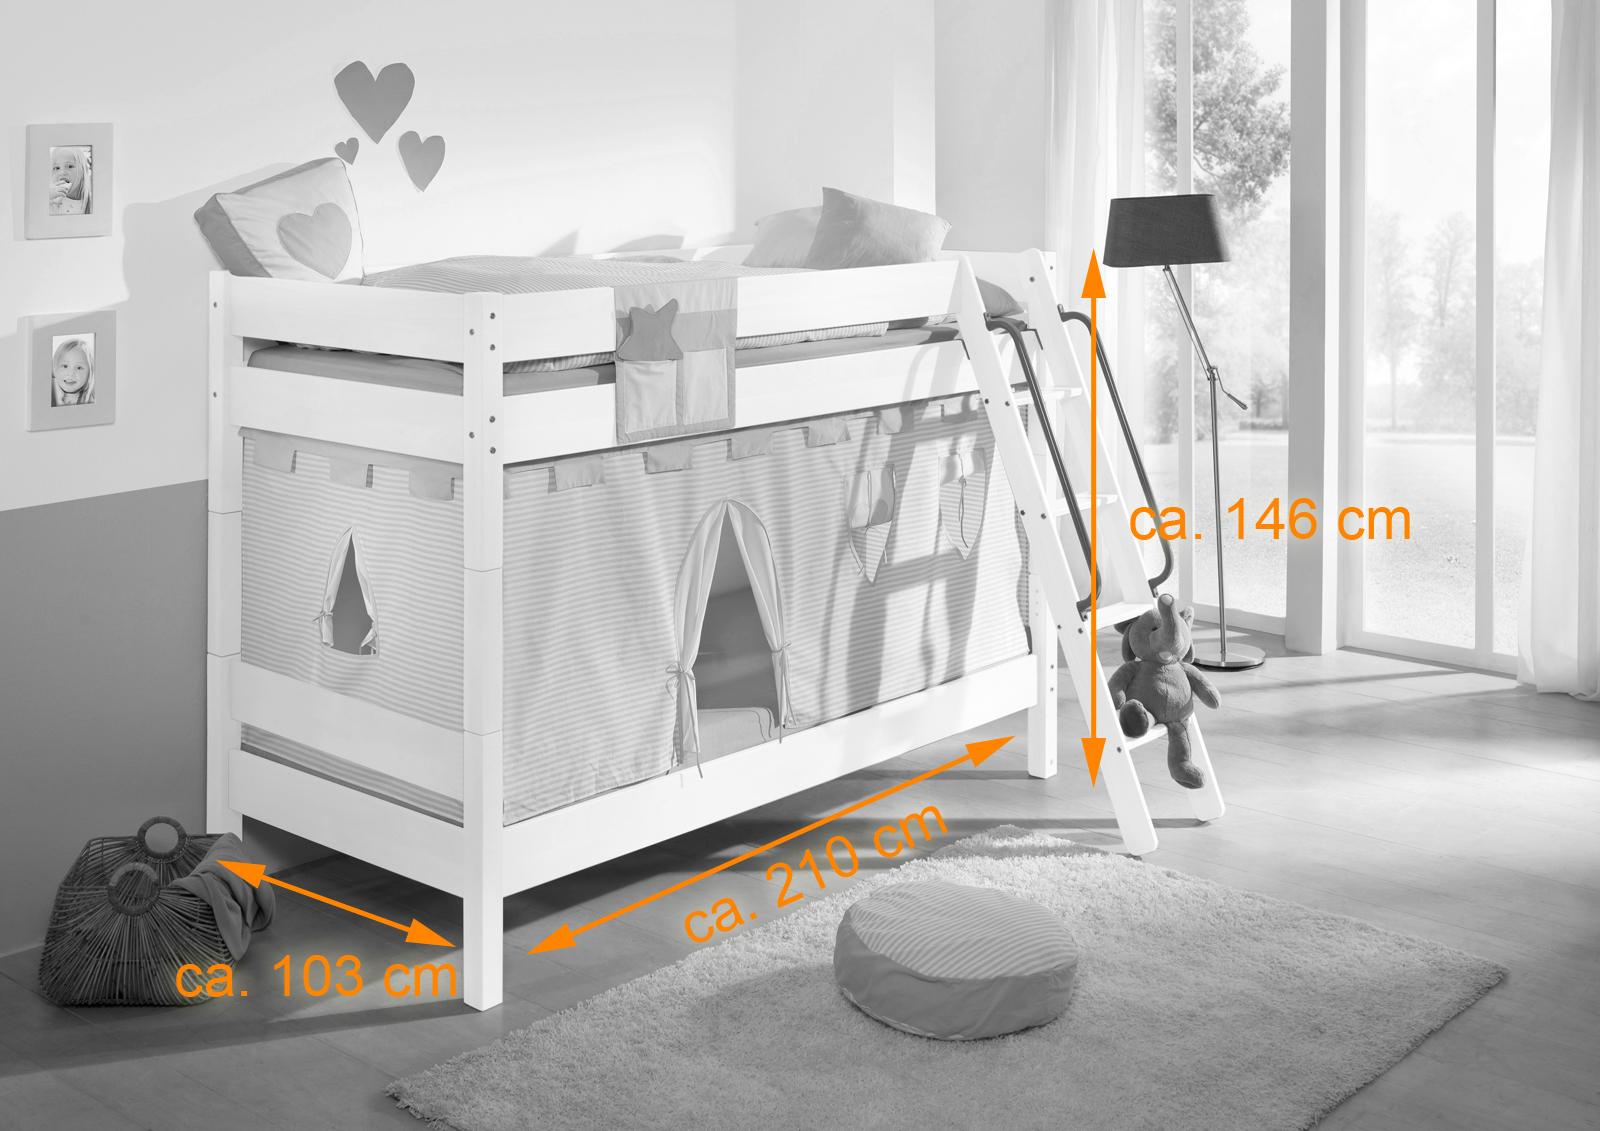 Etagenbett Kinder Buche Massiv : Kinder stockbetten mit lattenrost für jungen mädchen günstig